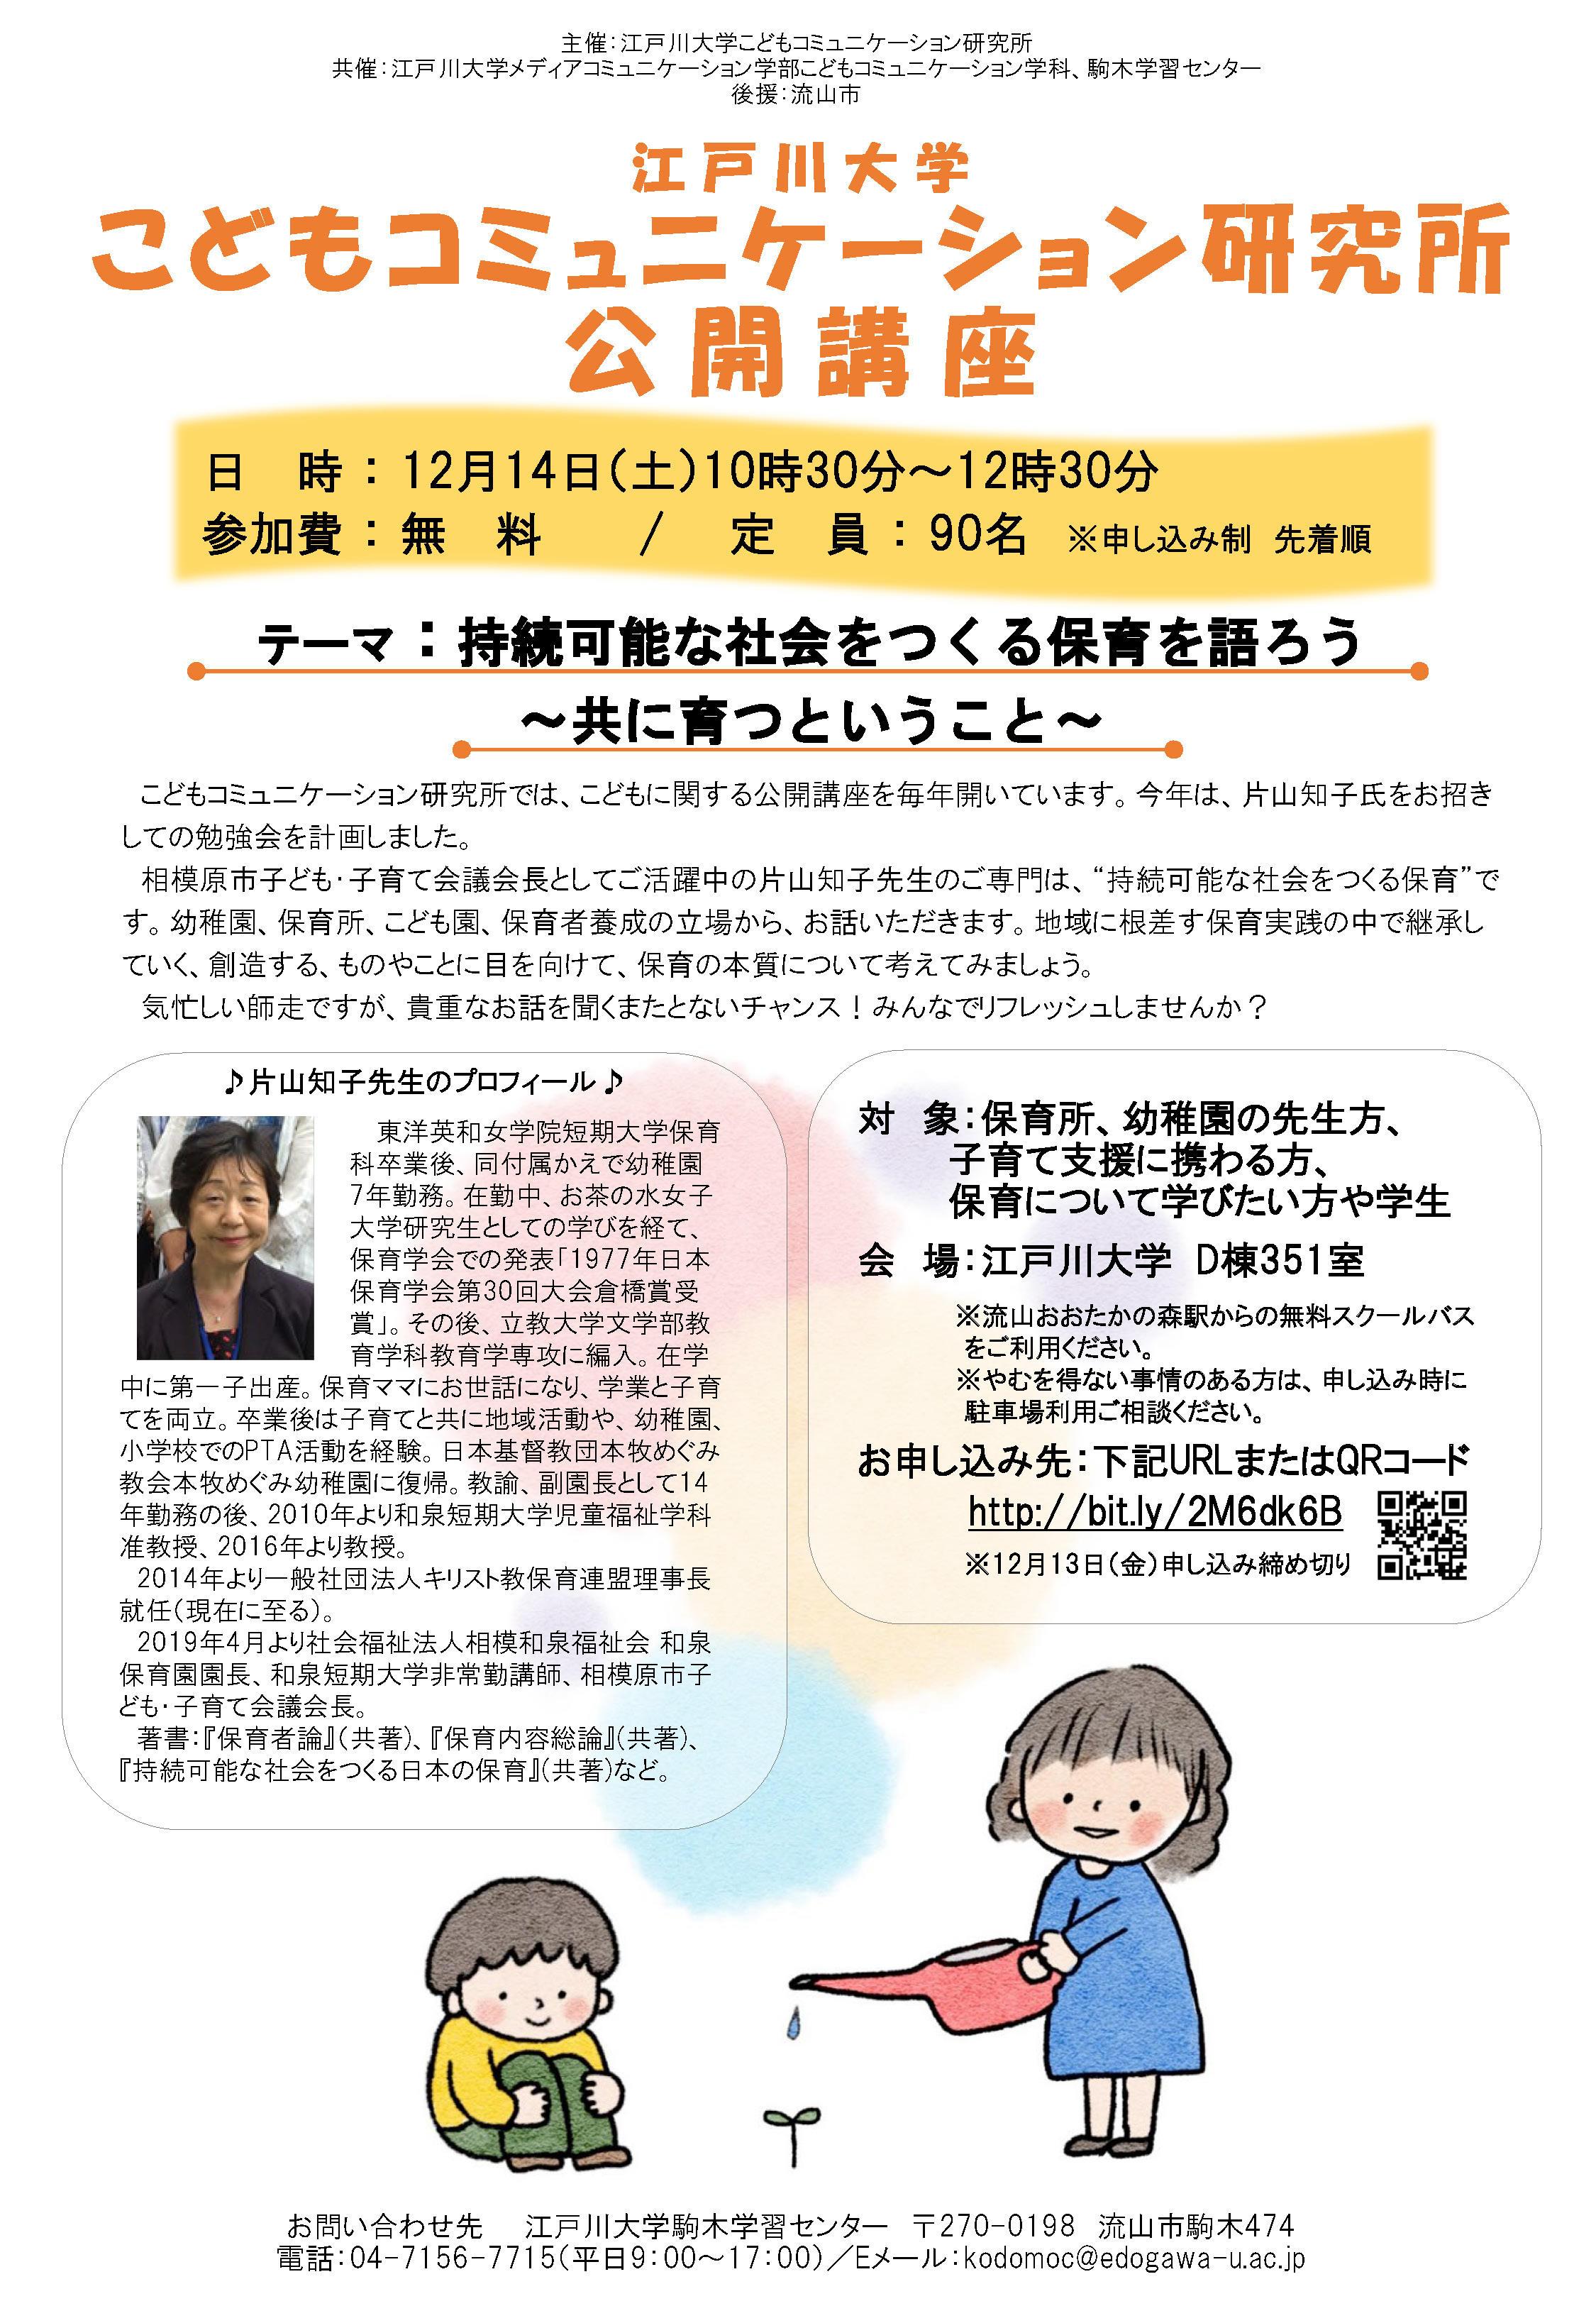 江戸川大学こどもコミュニケーション研究所が12月14日に公開講座「持続可能な社会をつくる保育を語ろう~共に育つということ~」を開催